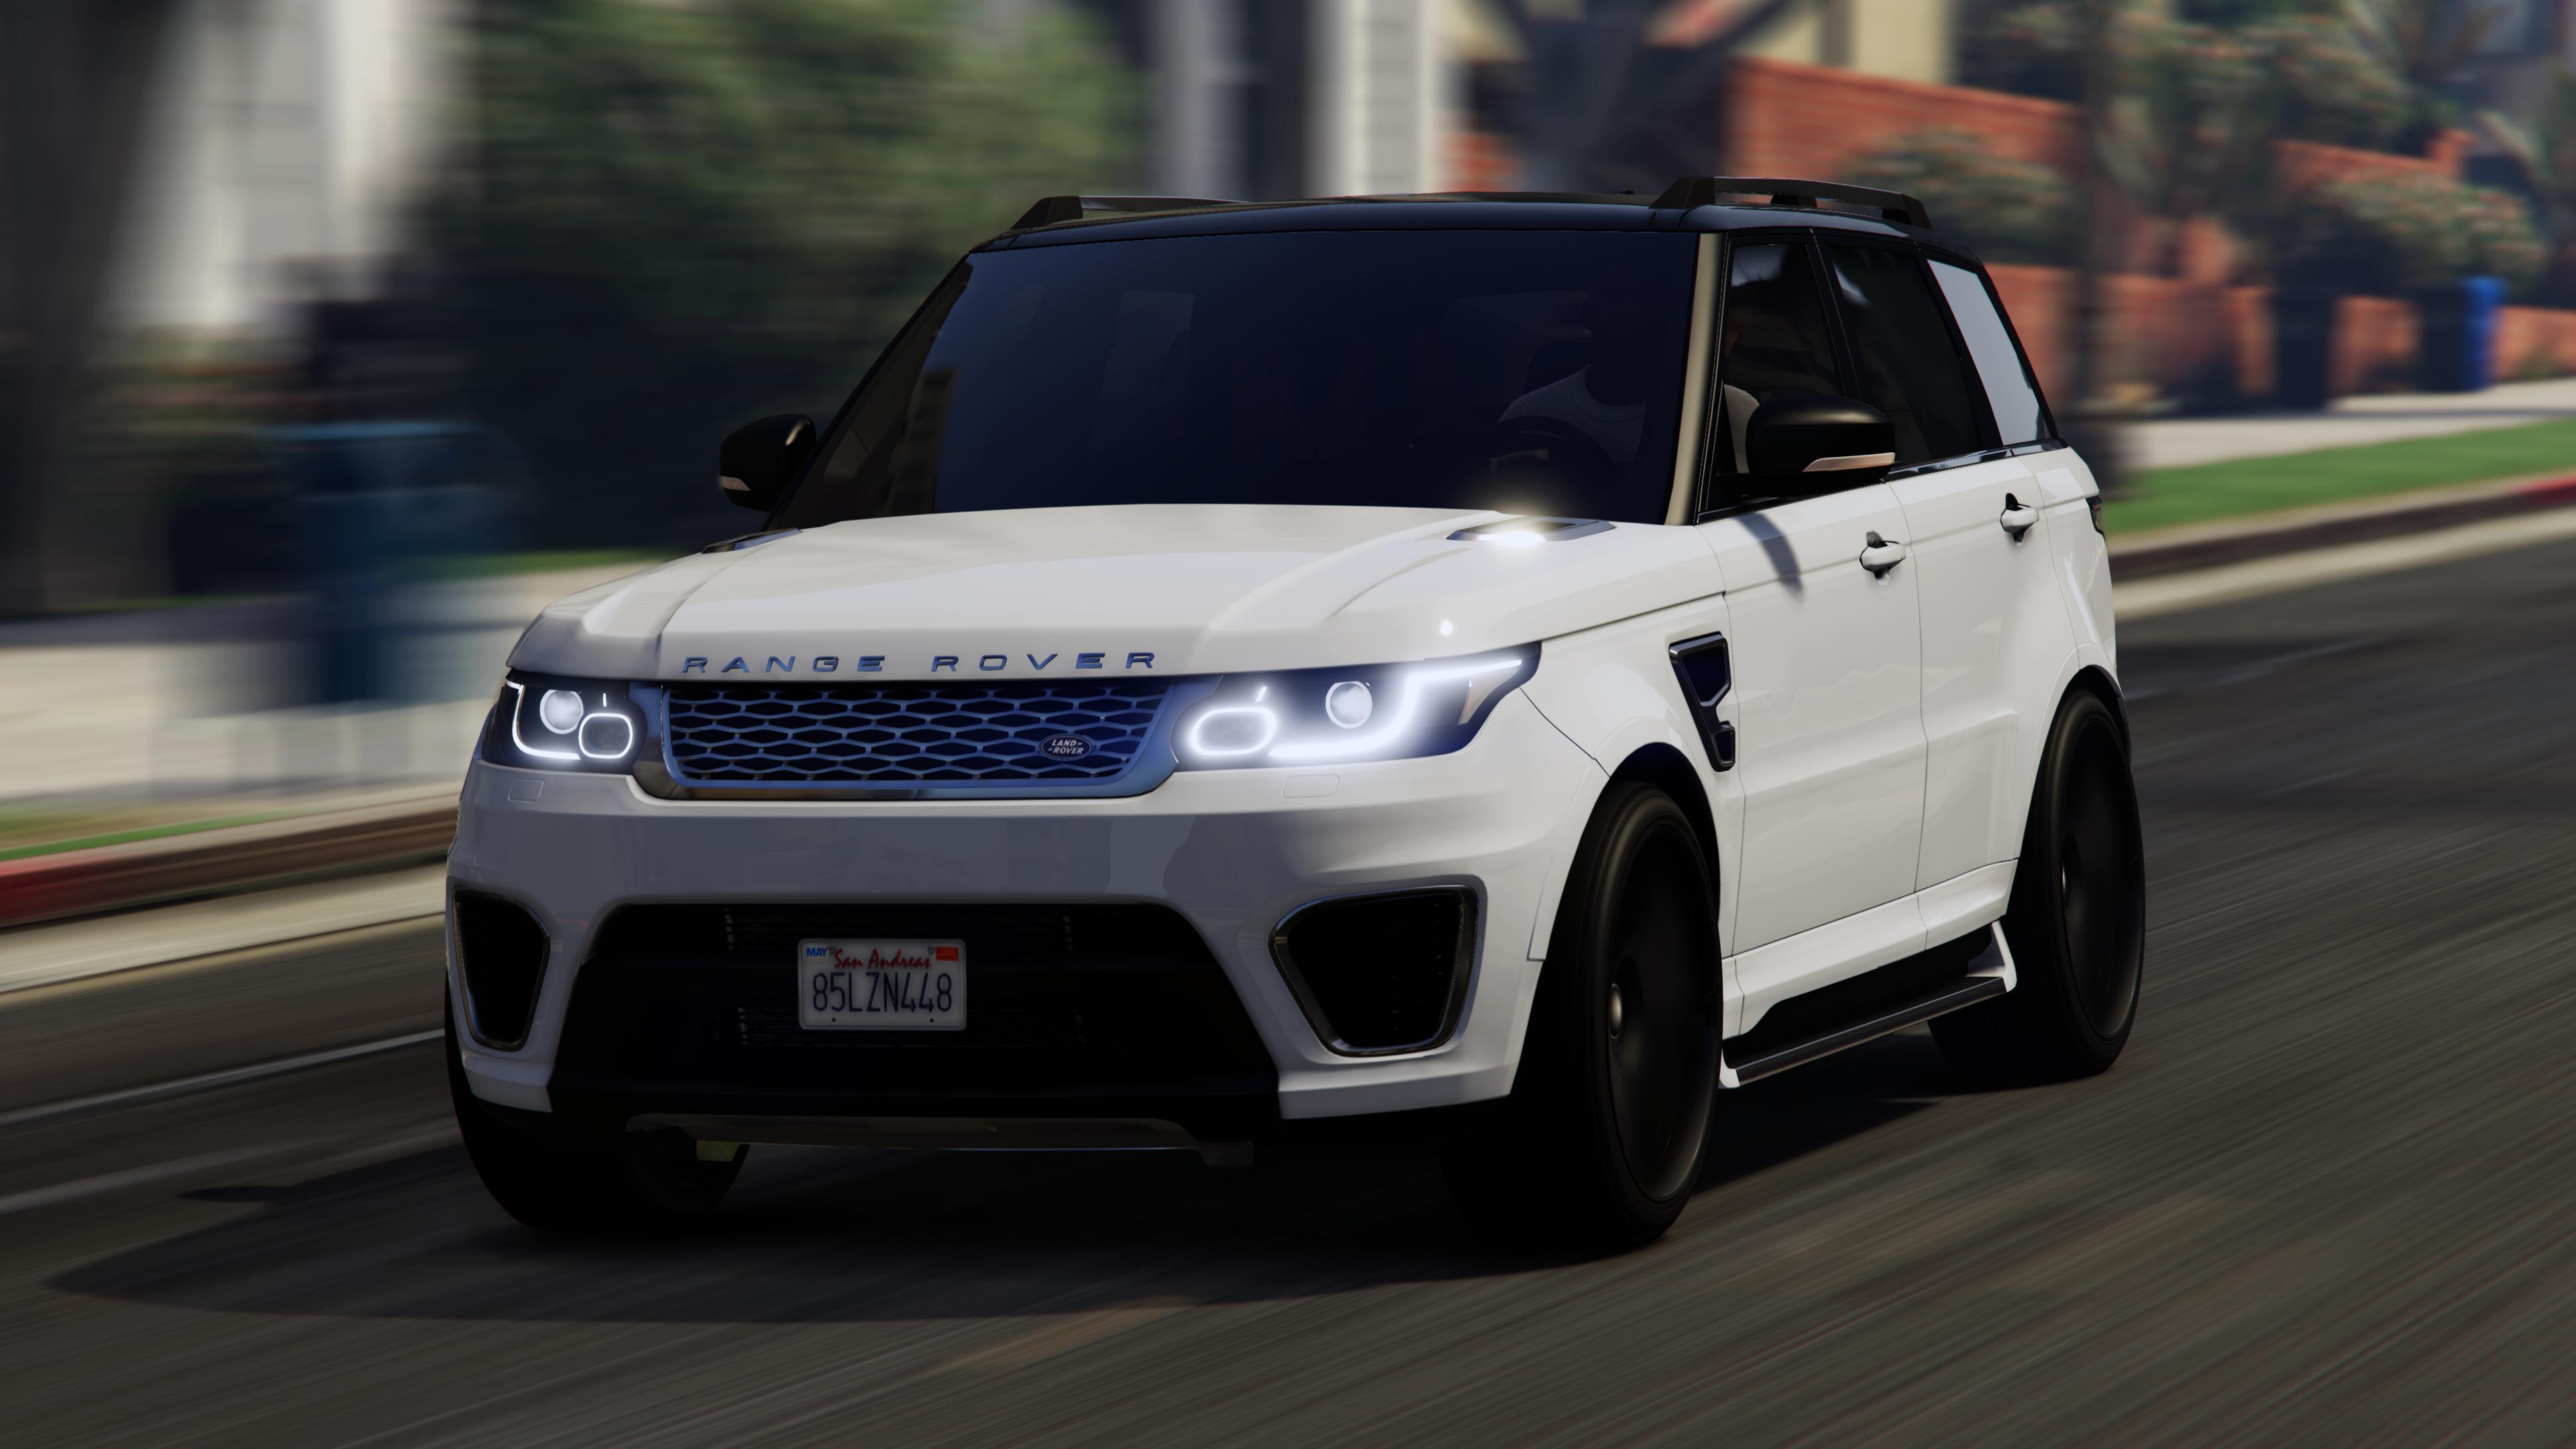 Range Rover Sport >> Range Rover Sport [Replace | LODs] - GTA5-Mods.com